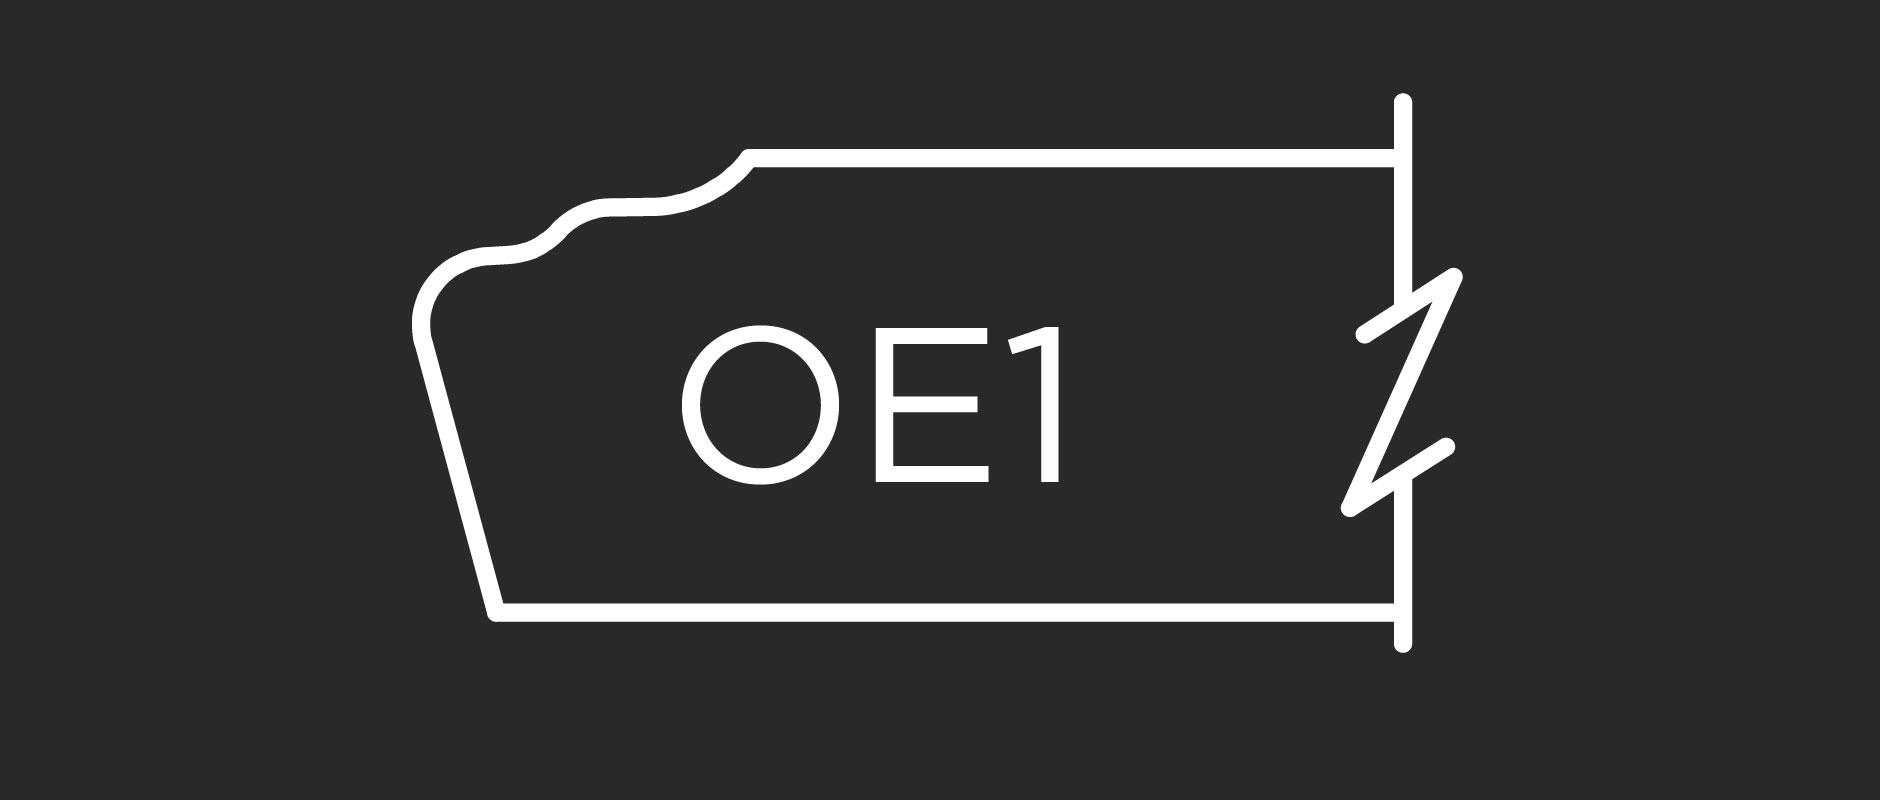 OE1 Outside Edge Profile